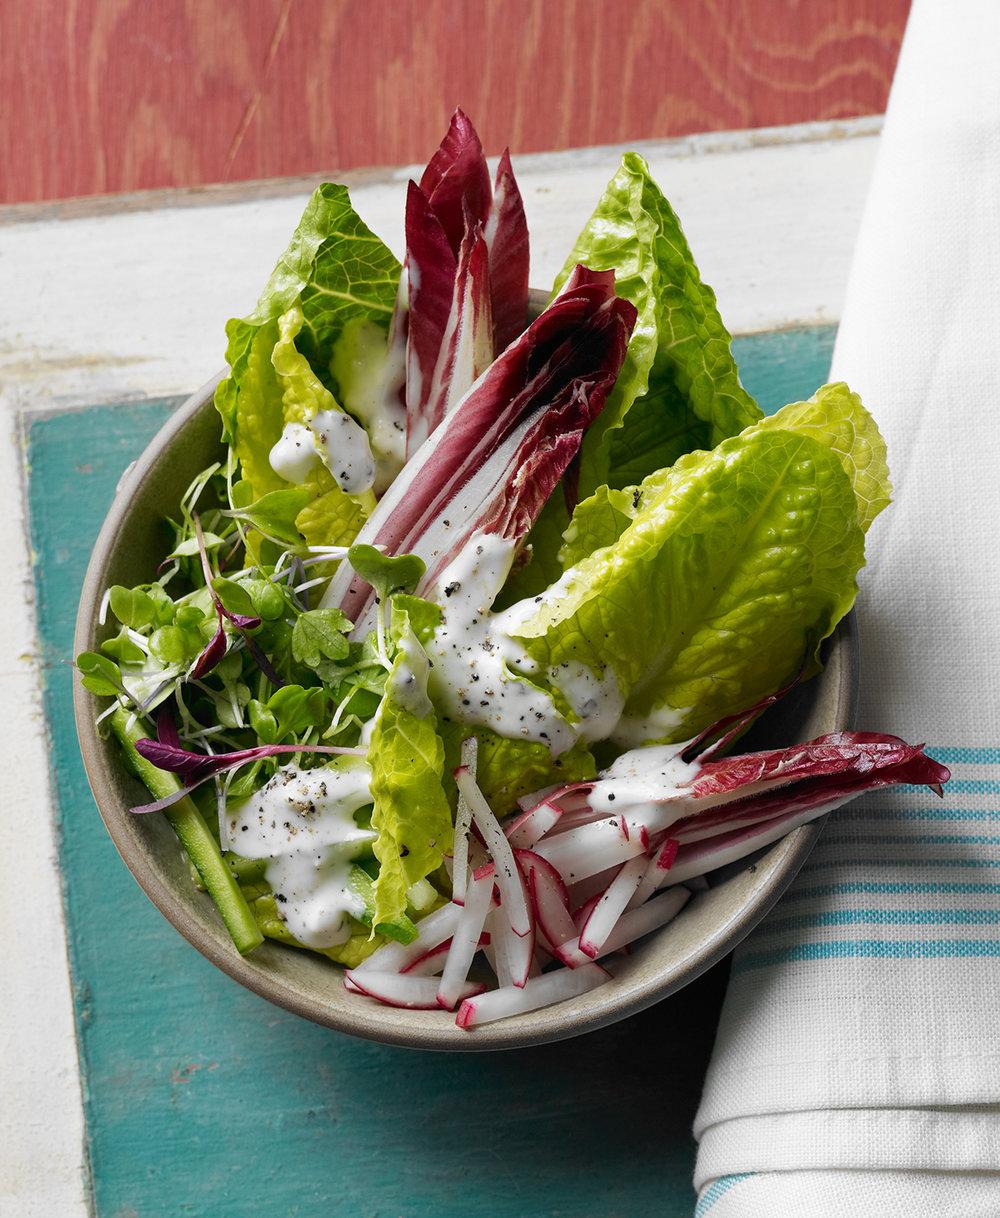 16_romaine_salad.jpg